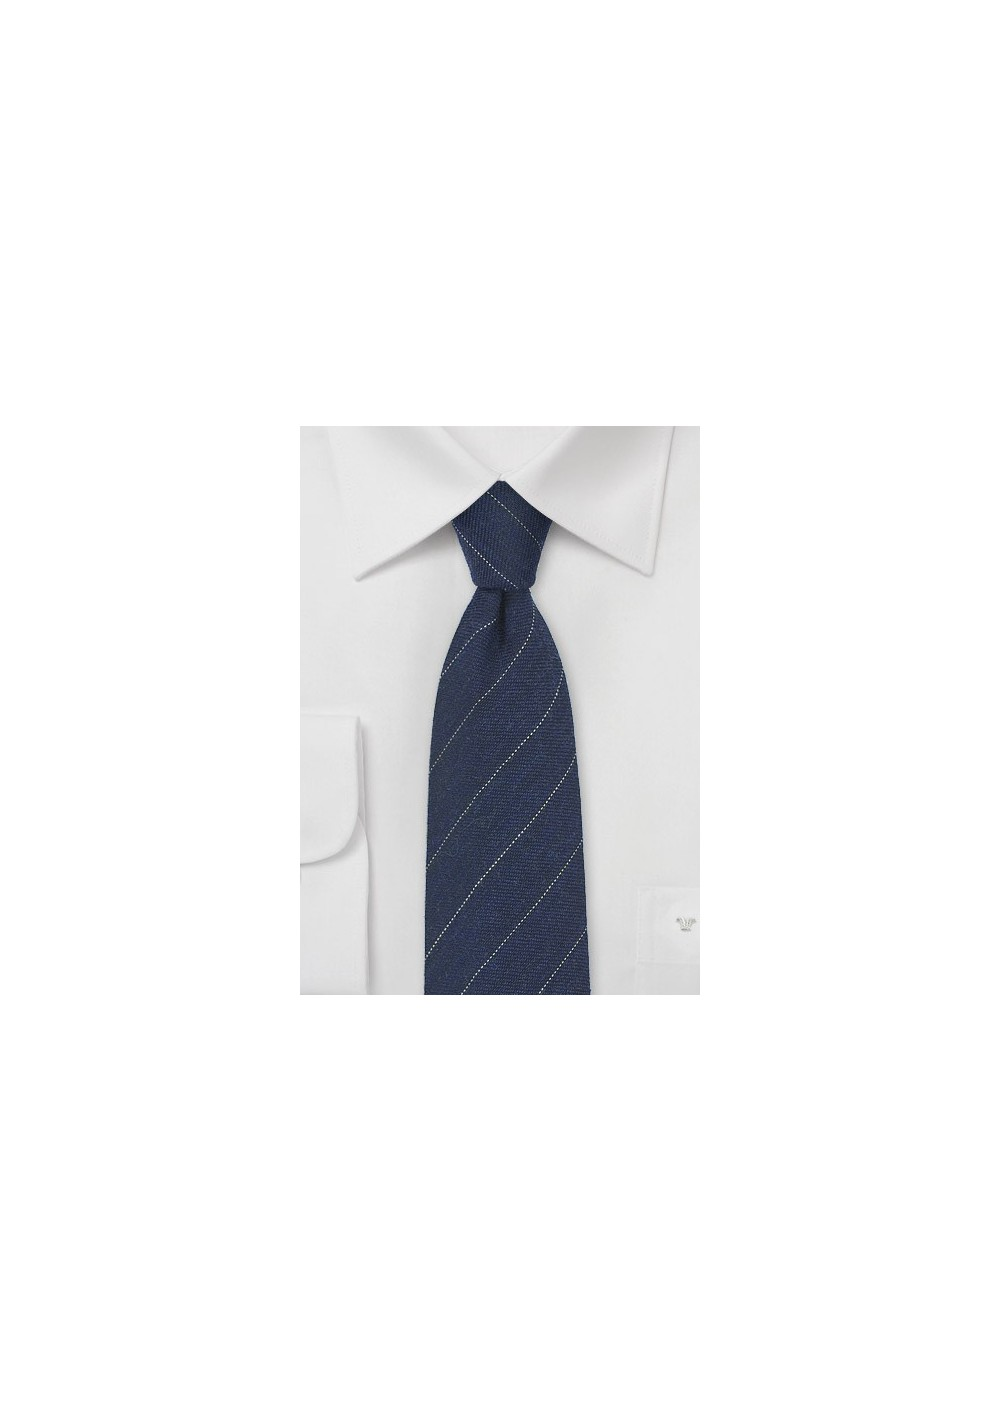 Wool Striped Tie in Navy Blue